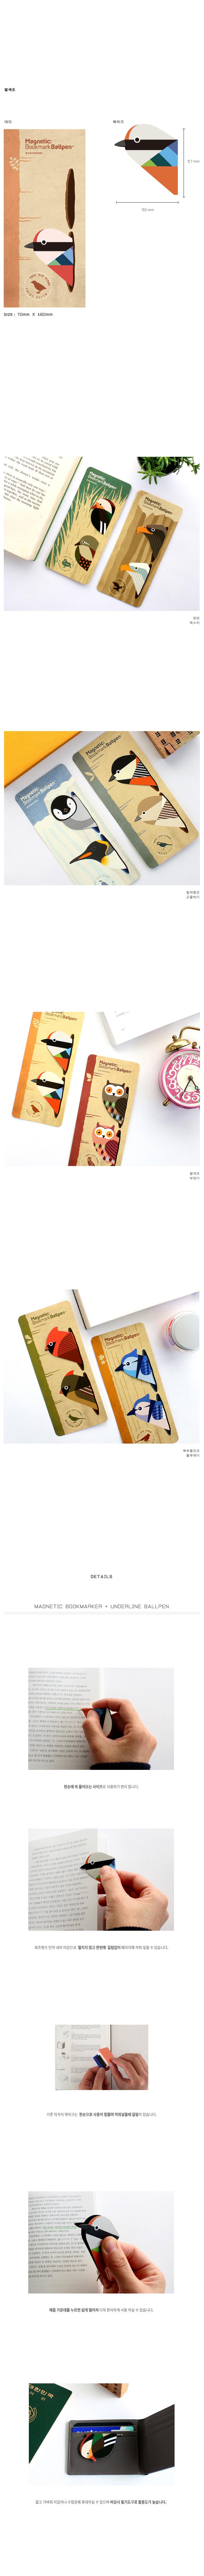 마그네틱 북마크볼펜 SAVE OUR BIRDS - 북프렌즈, 1,200원, 북마크/책갈피, 심플